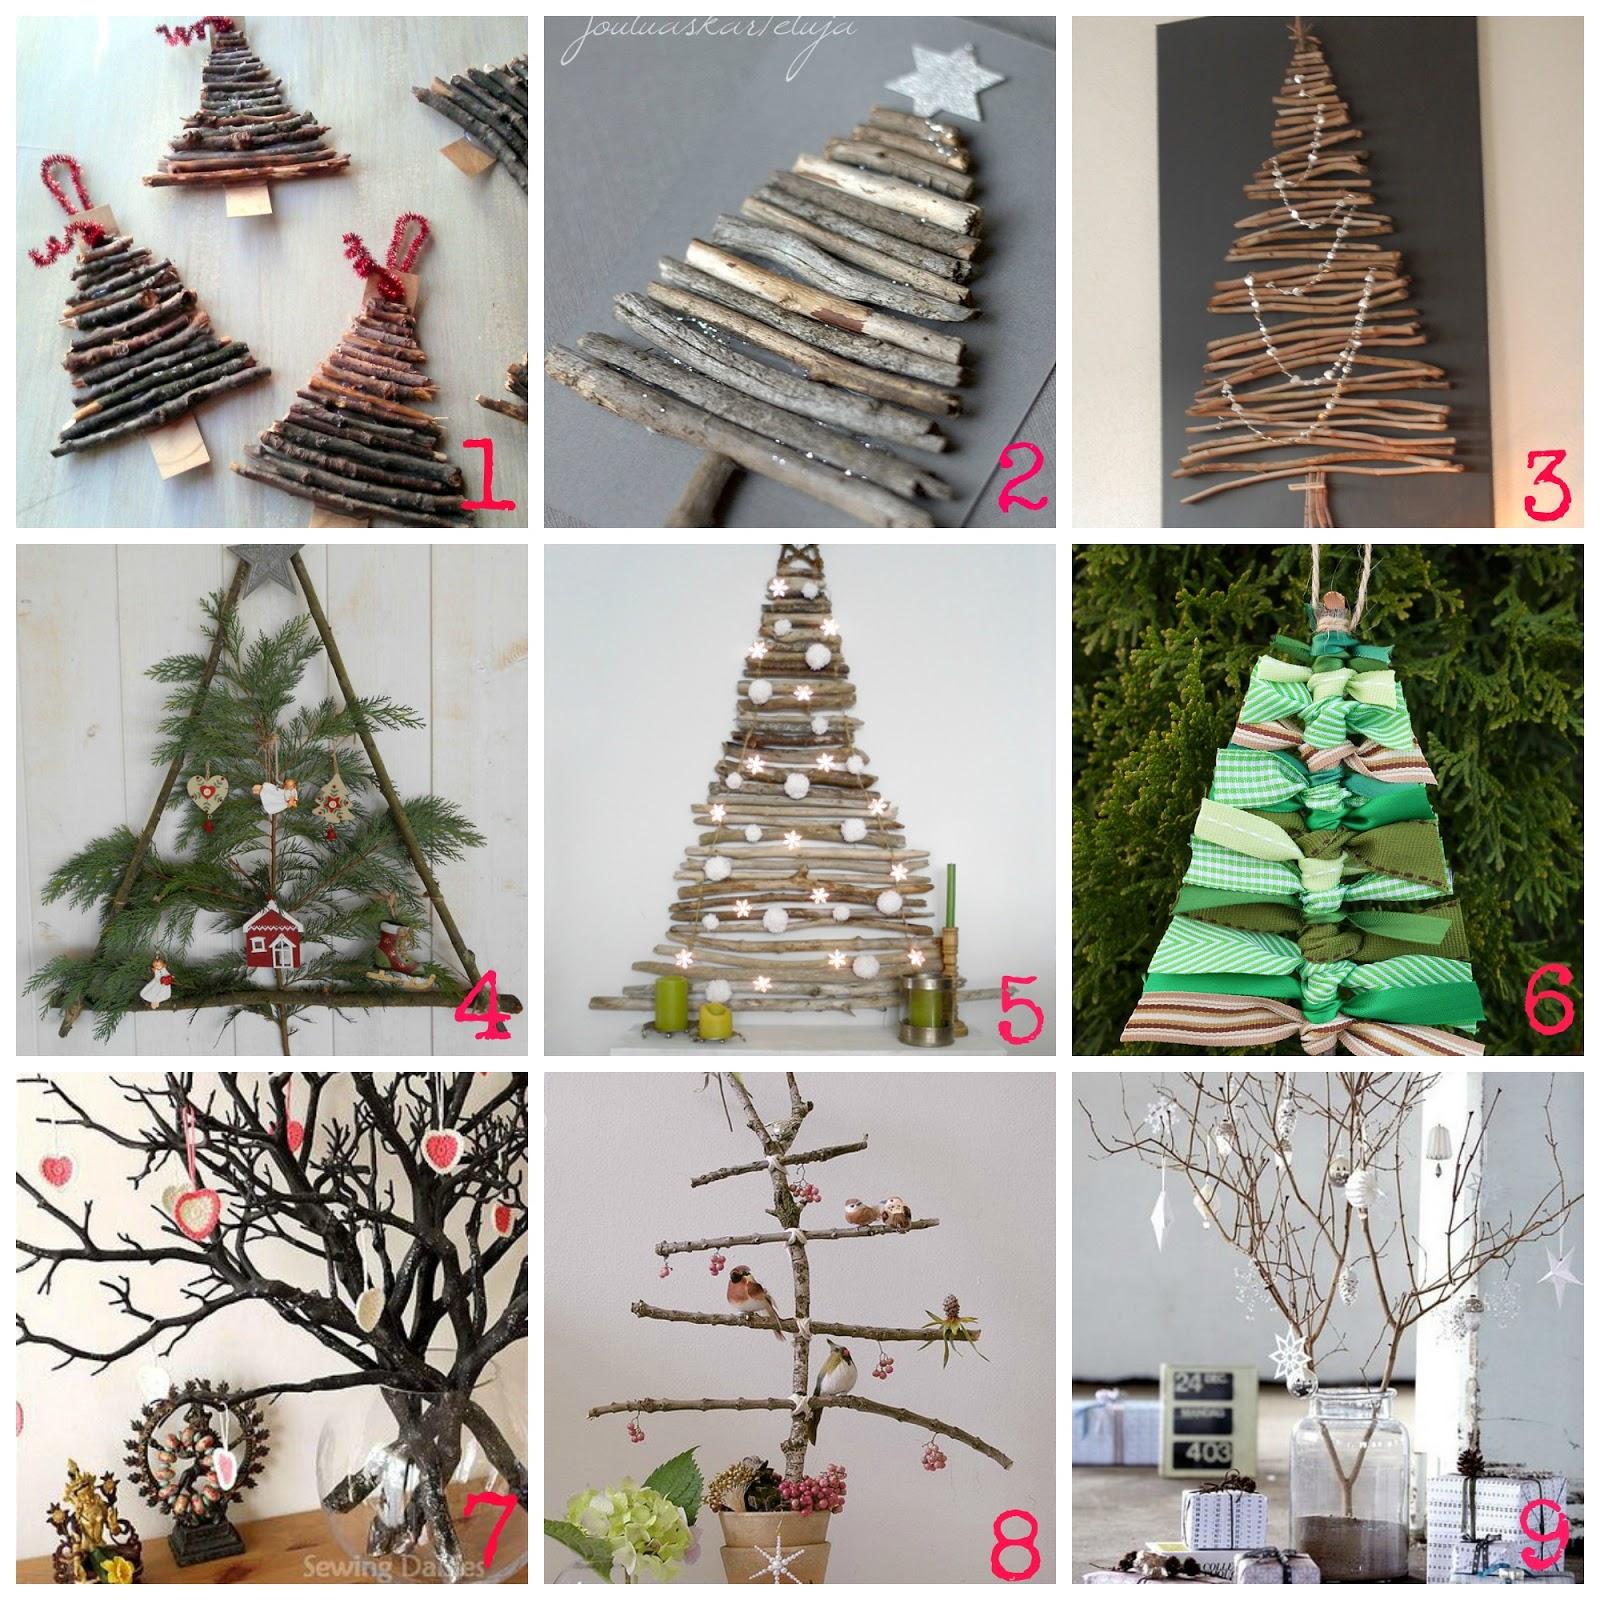 Decorazioni di natale fai da te con i rami secchi donneinpink magazine - Decorazioni natalizie finestre ...